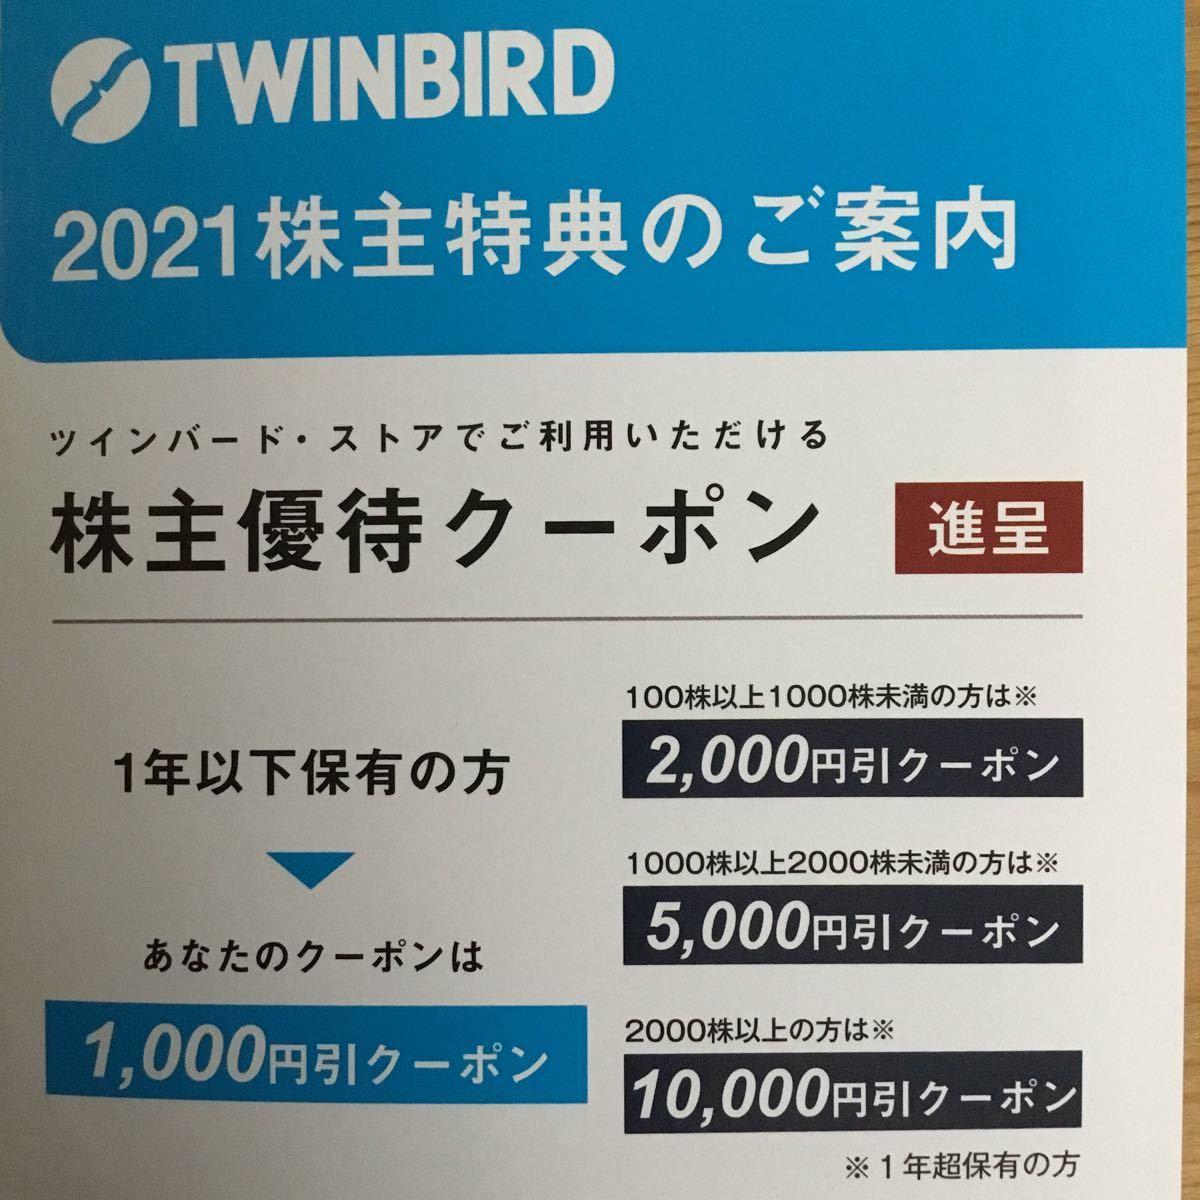 クーポンコード通知の為、送料無料! TWINBIRD ツインバード 株主優待クーポン1,000円引き(2022年4月30日迄有効)_画像1